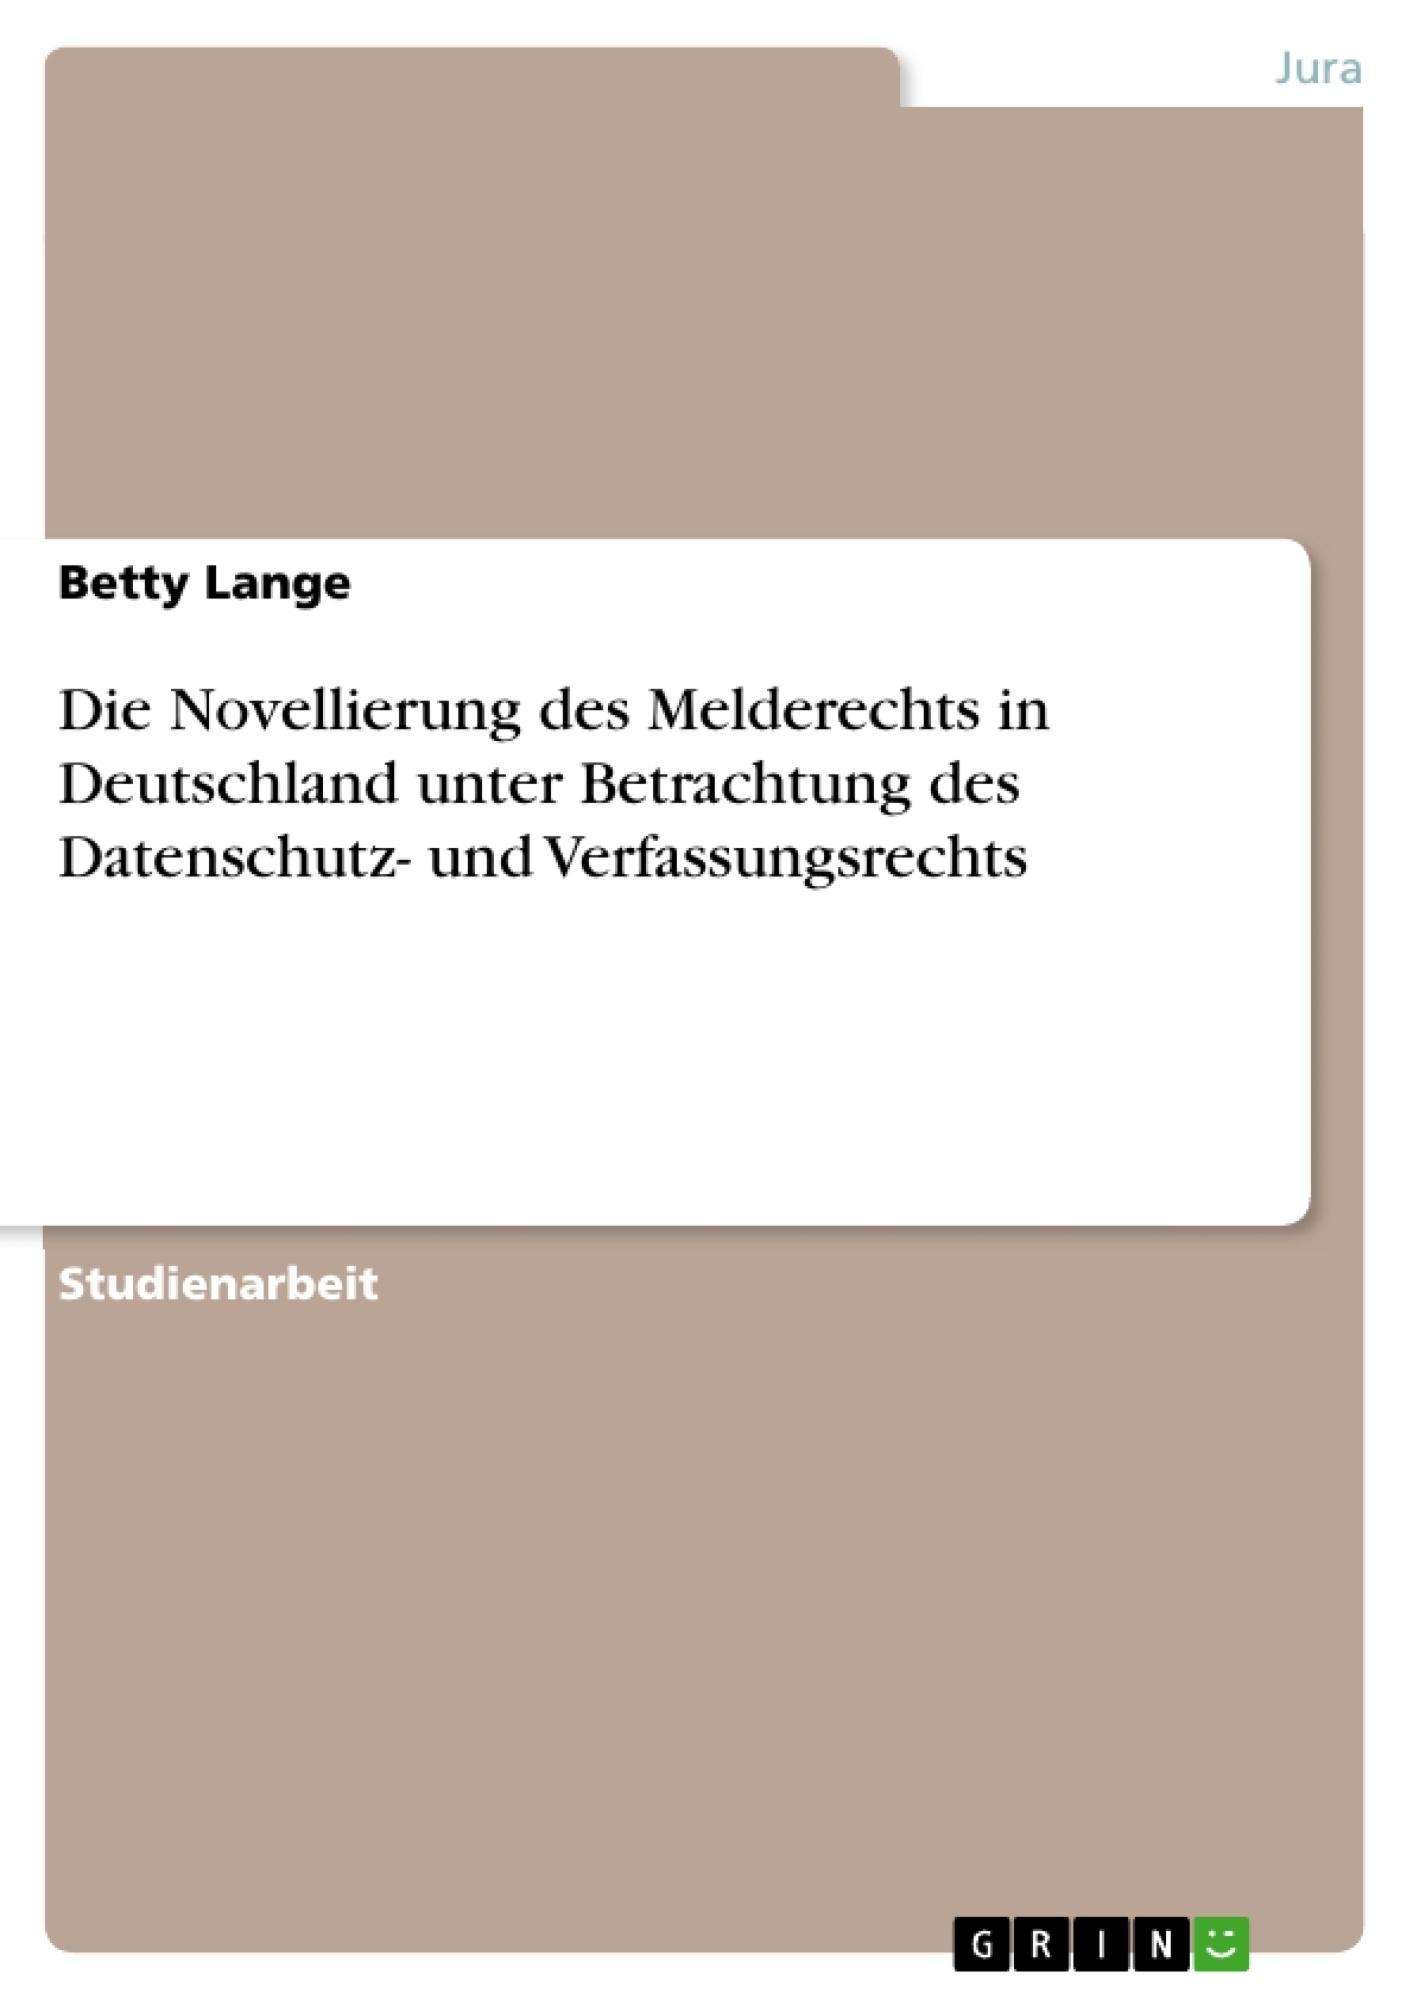 Titel: Die Novellierung des Melderechts in Deutschland unter Betrachtung des Datenschutz- und Verfassungsrechts